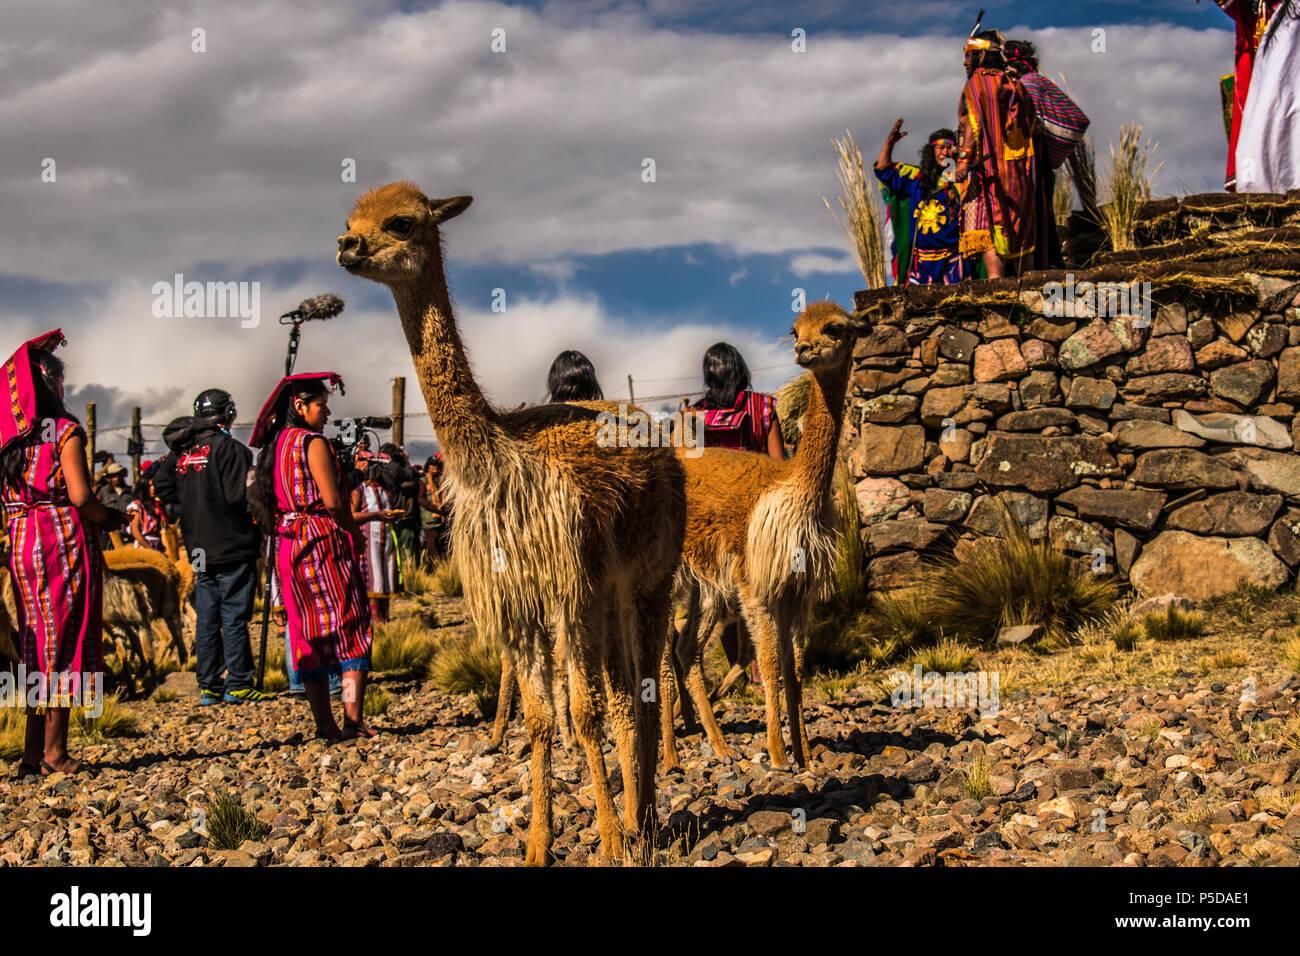 Fiesta tradicional del chacu en Pampa Galeras La vicuña es una especie emblemática del Perú que figura, incluso, en nuestro escudo nacional. Immagini Stock